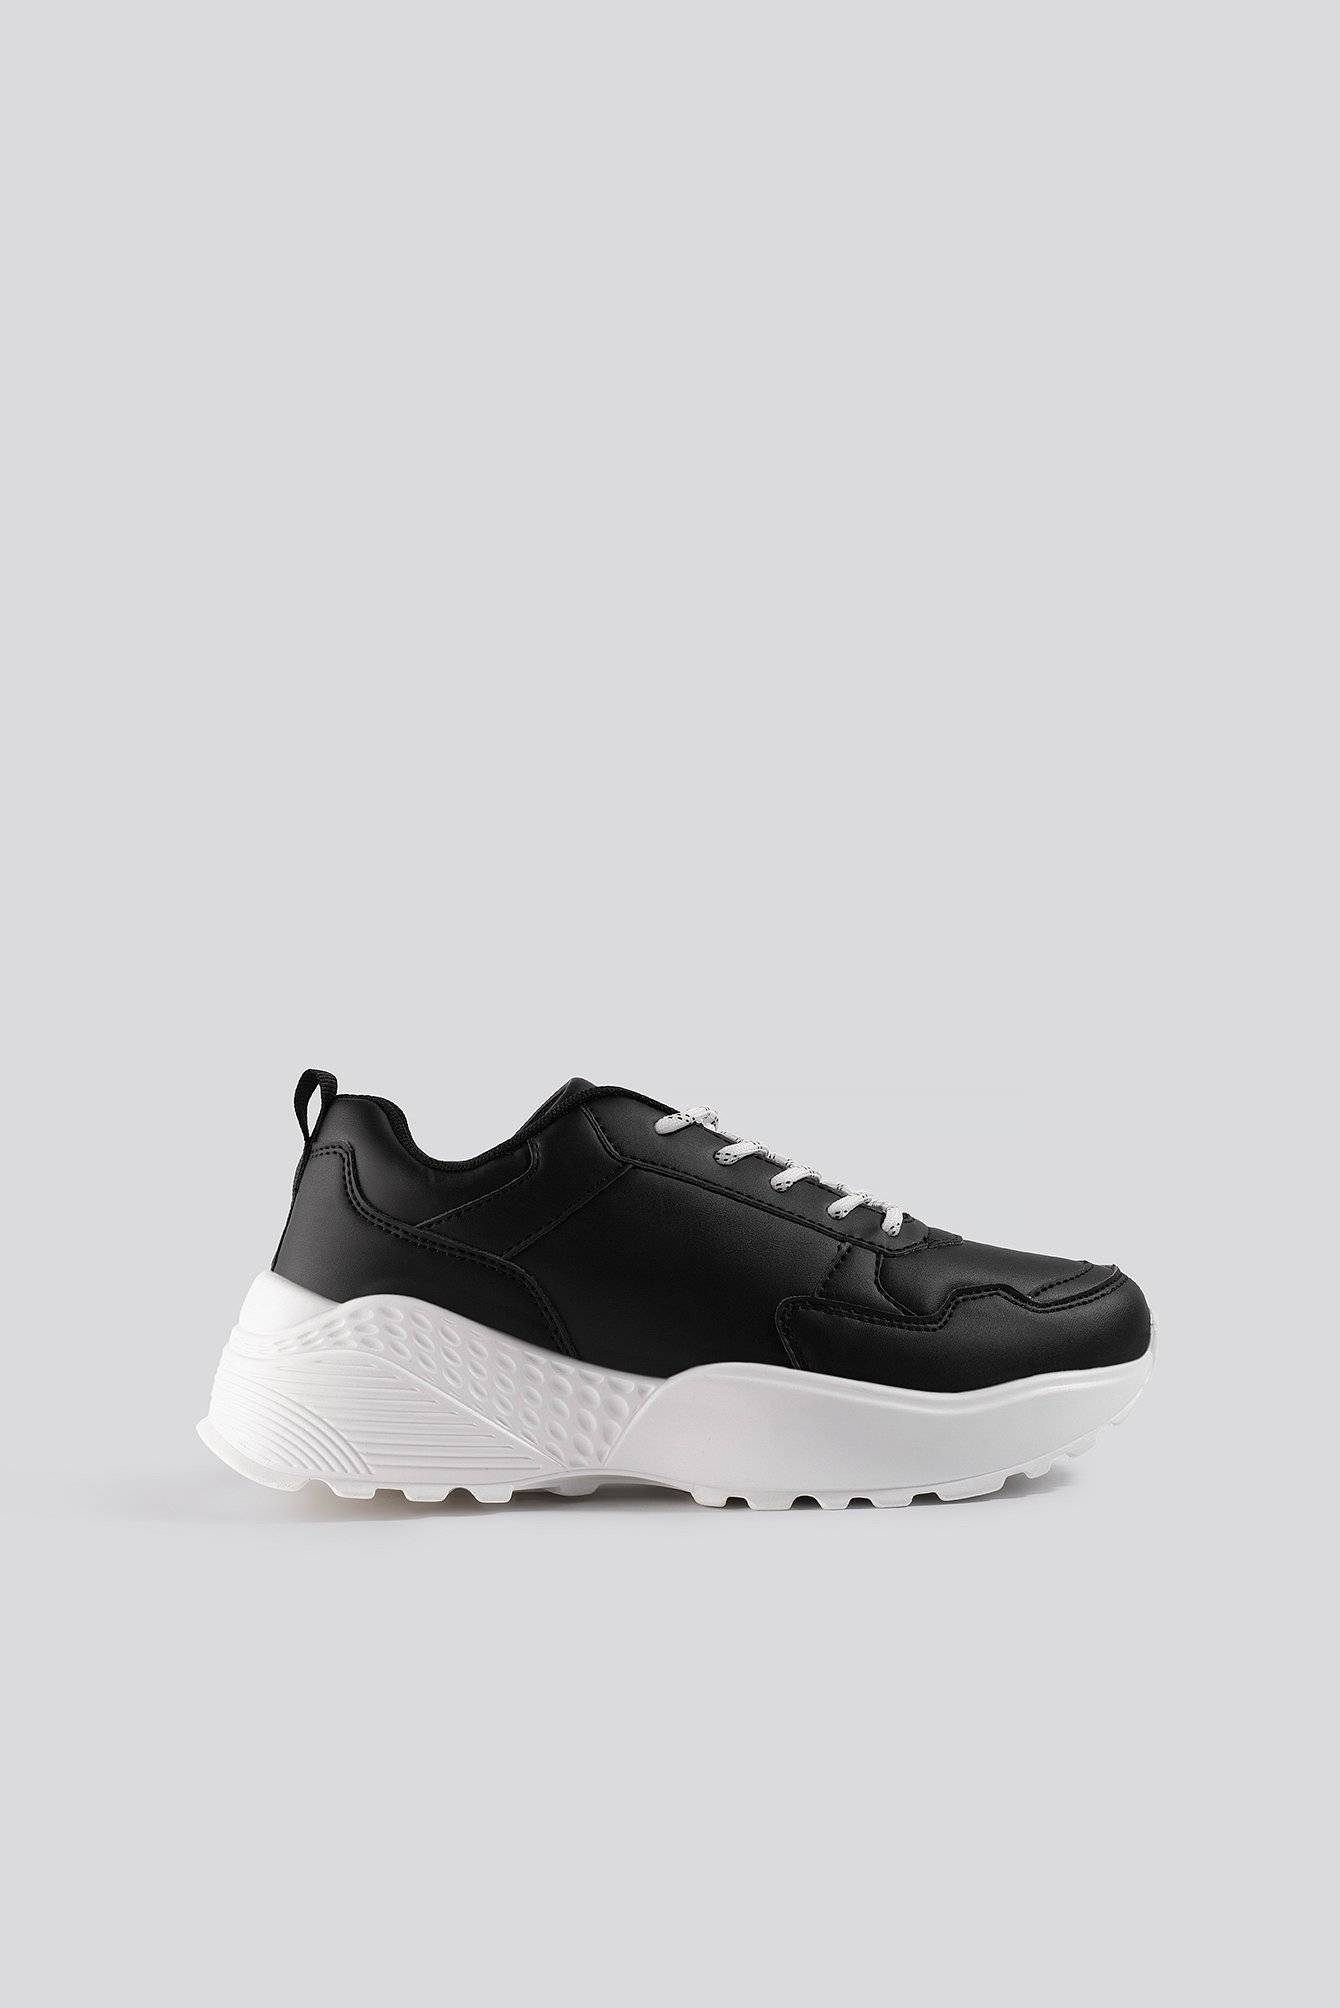 NA-KD Shoes Rubber Detail Trainers - Black  - Size: EU 36,EU 37,EU 38,EU 39,EU 40,EU 41